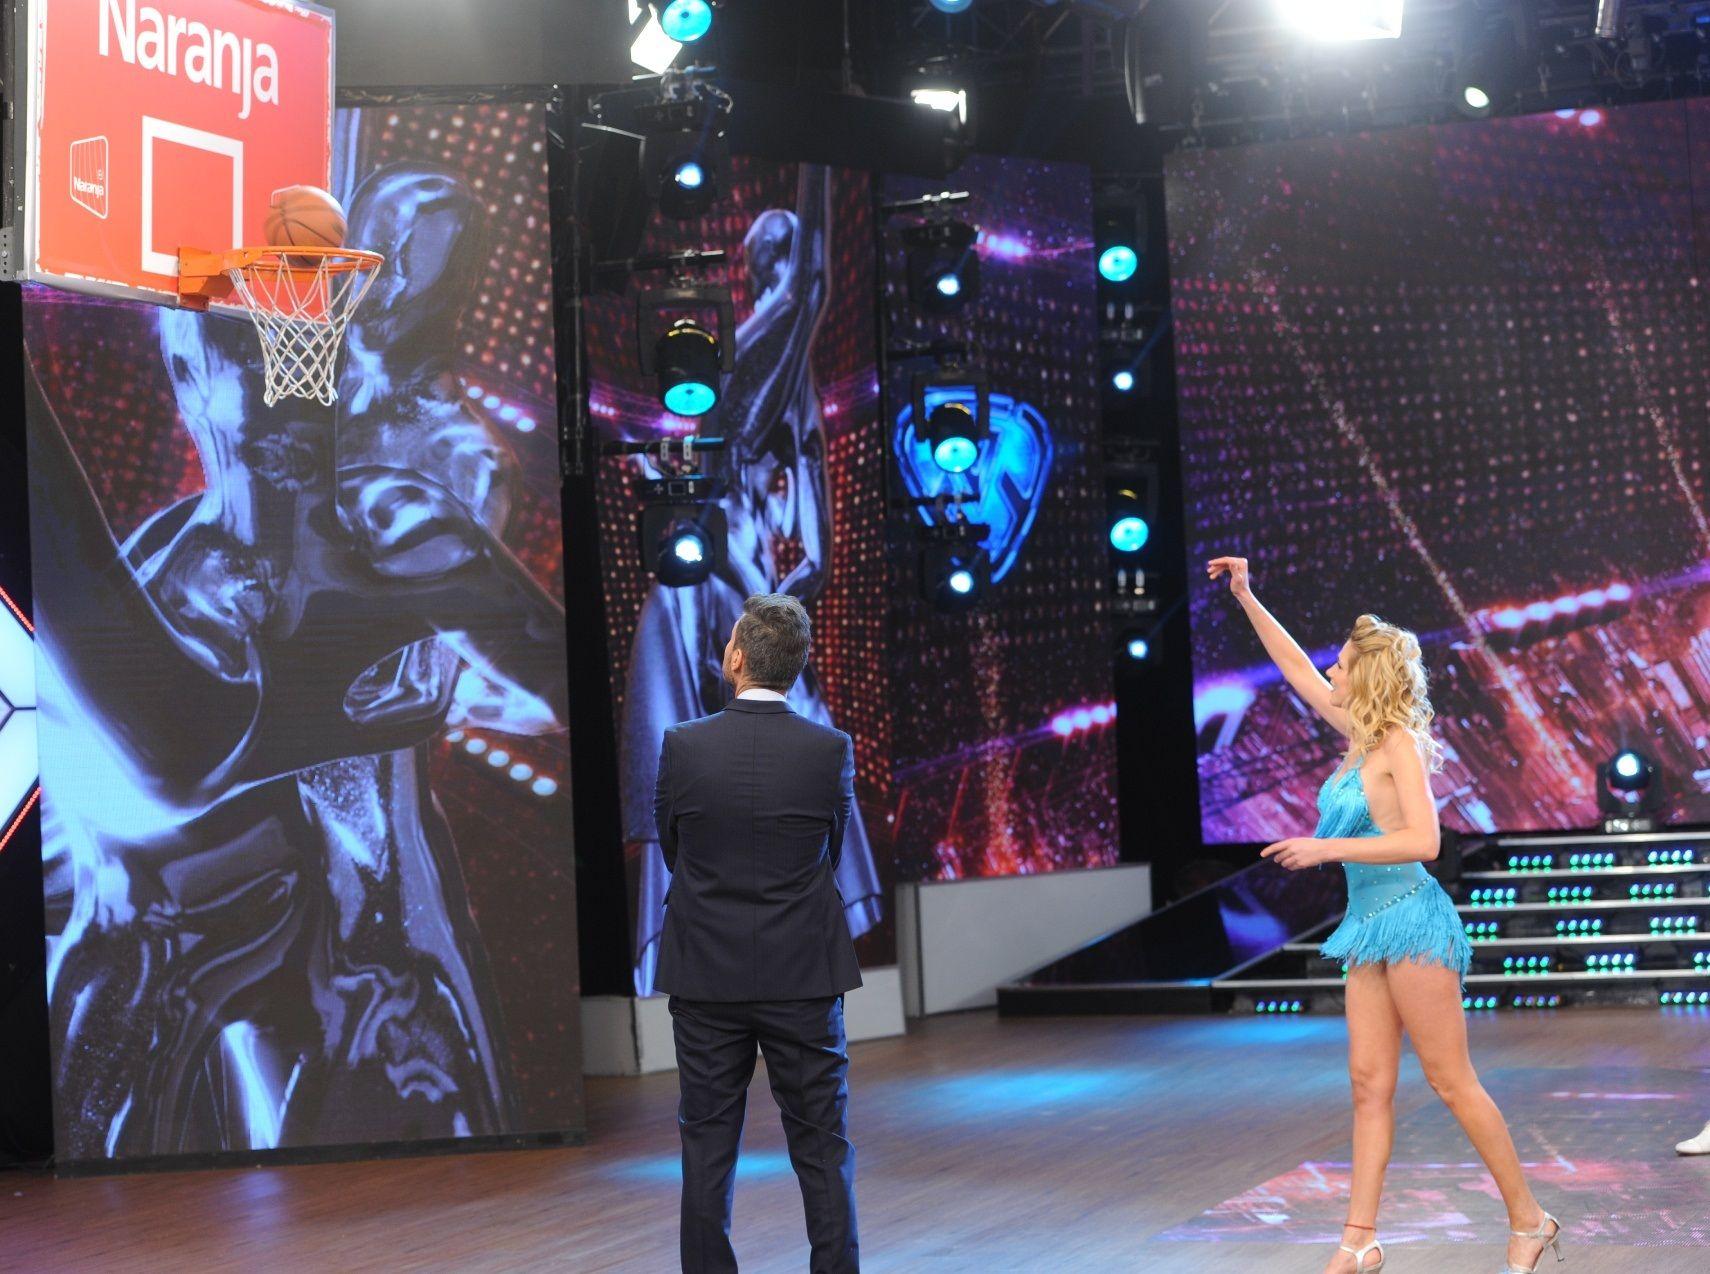 Todo no se puede: Alina Moine jugó muy bien al básquet, ¡pero se perdió en la salsa  de tres!